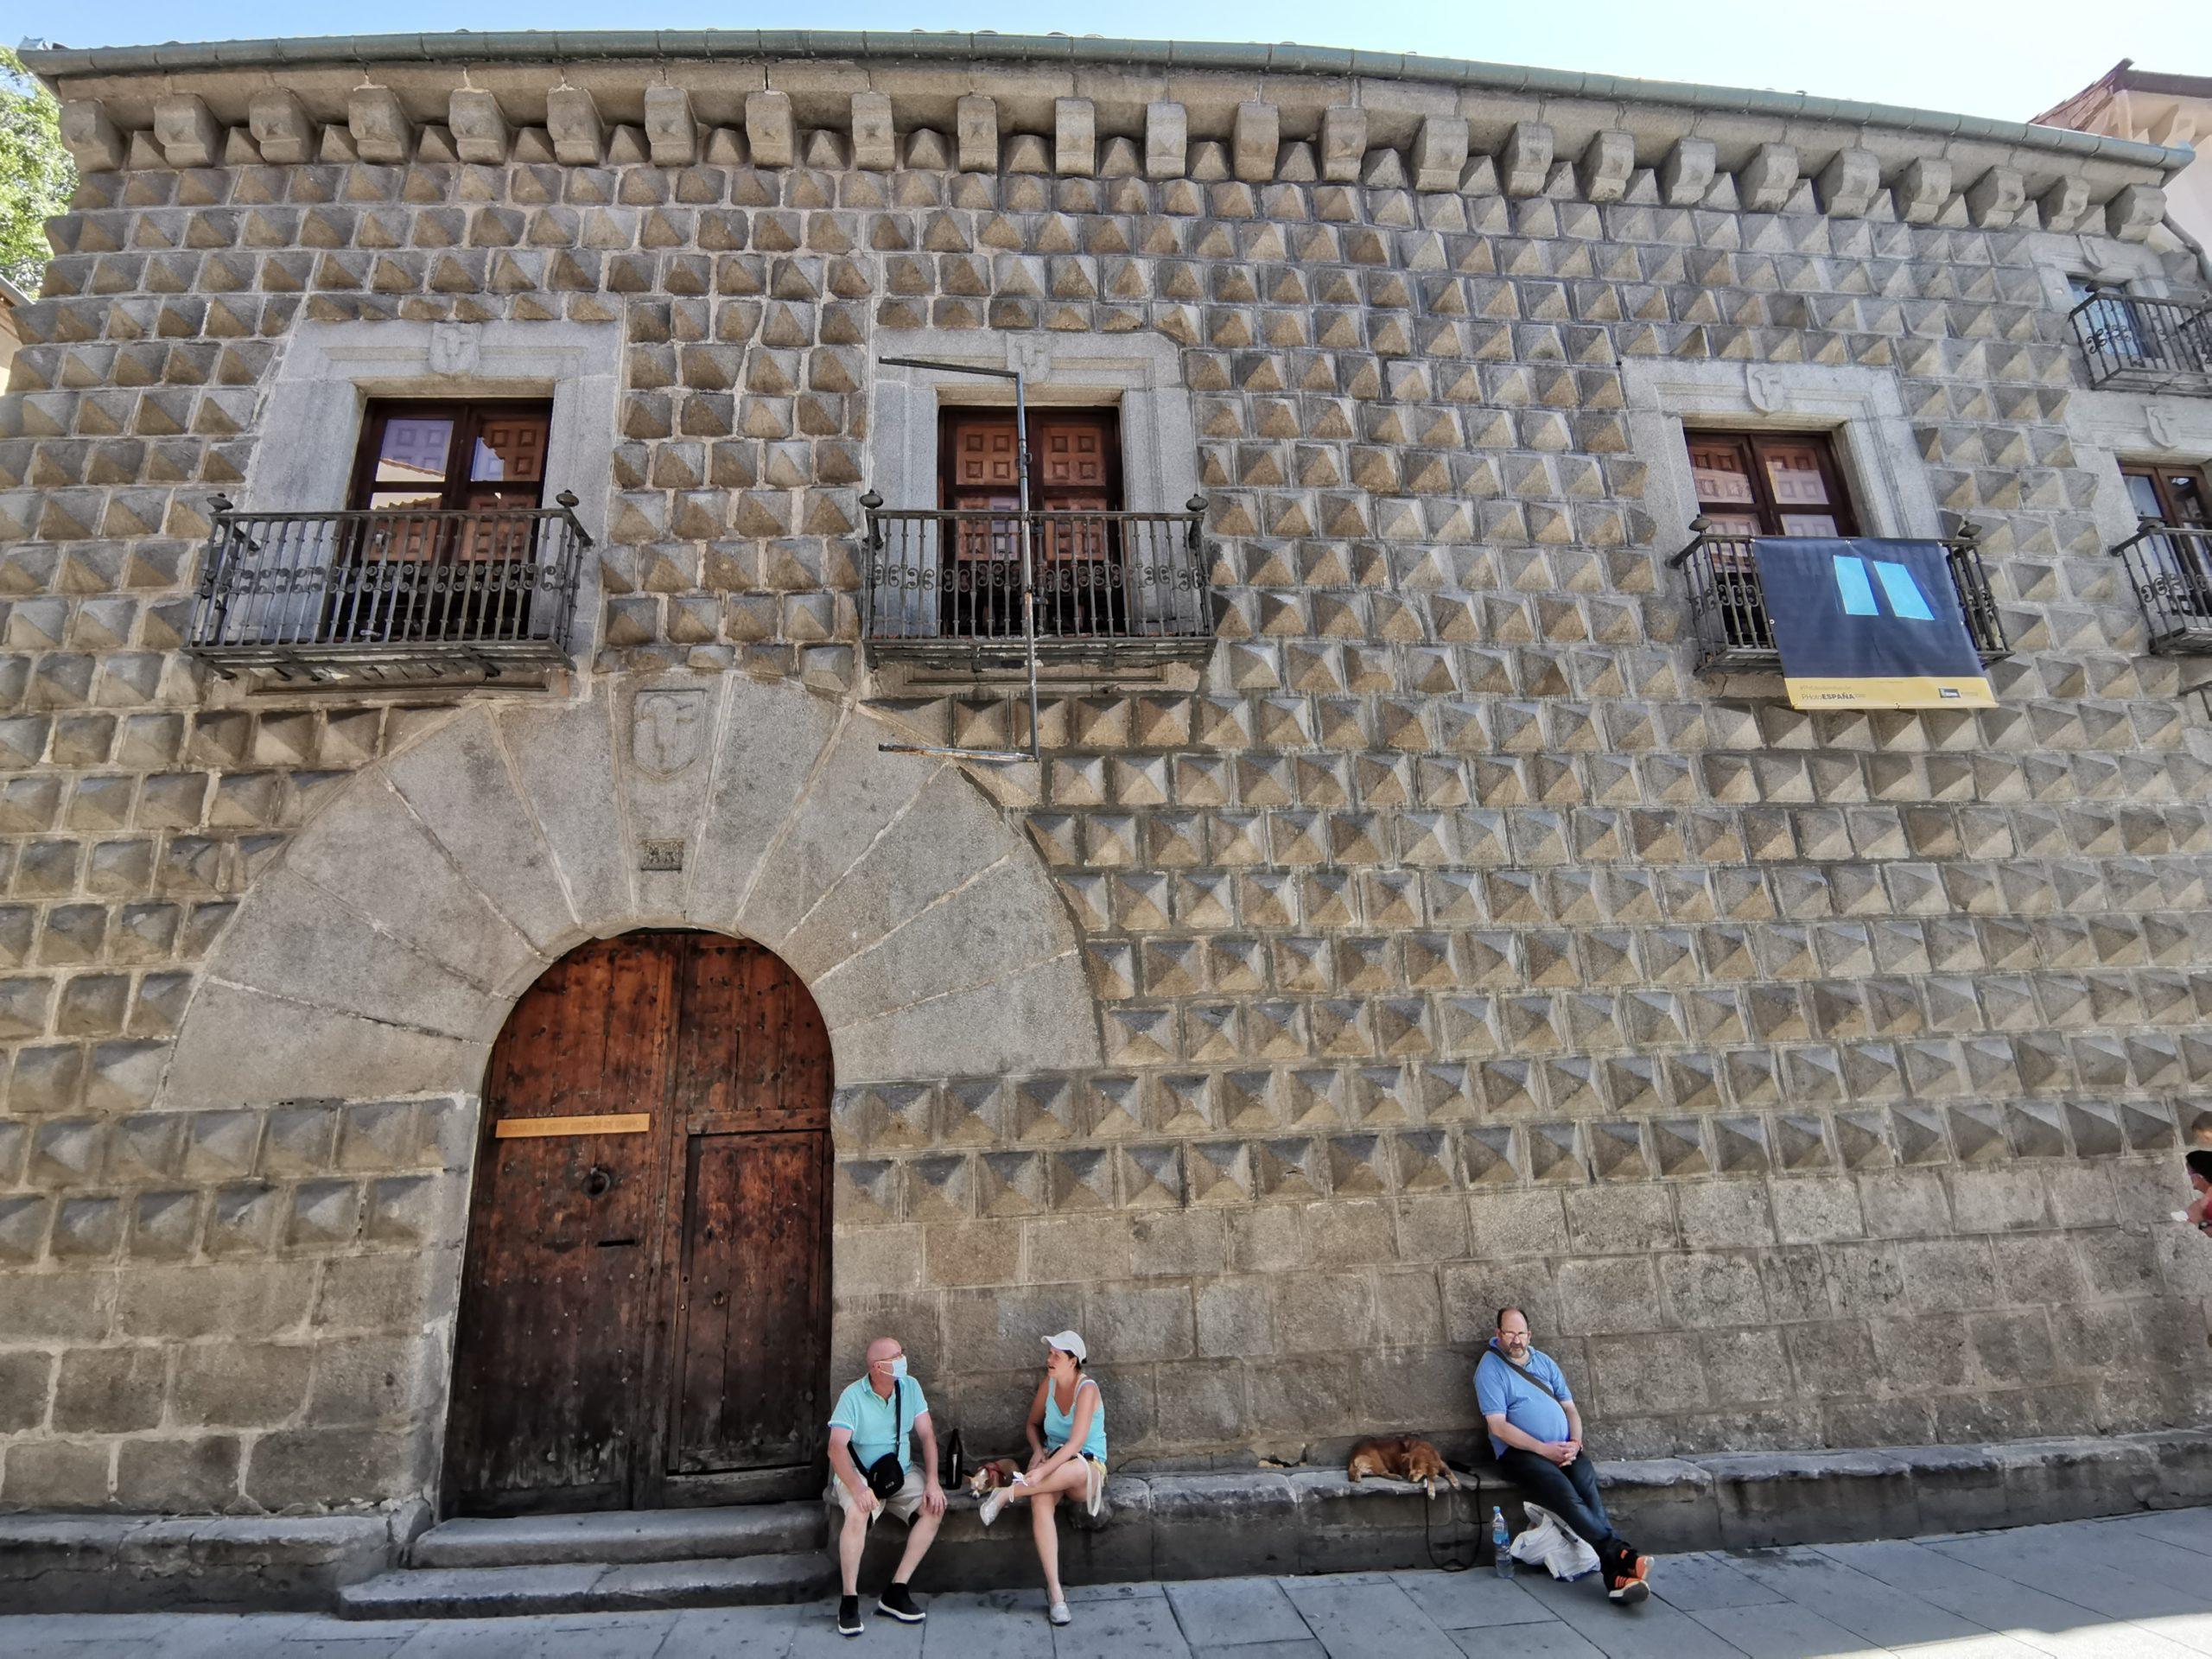 casa-picos-verdugo-Segovia